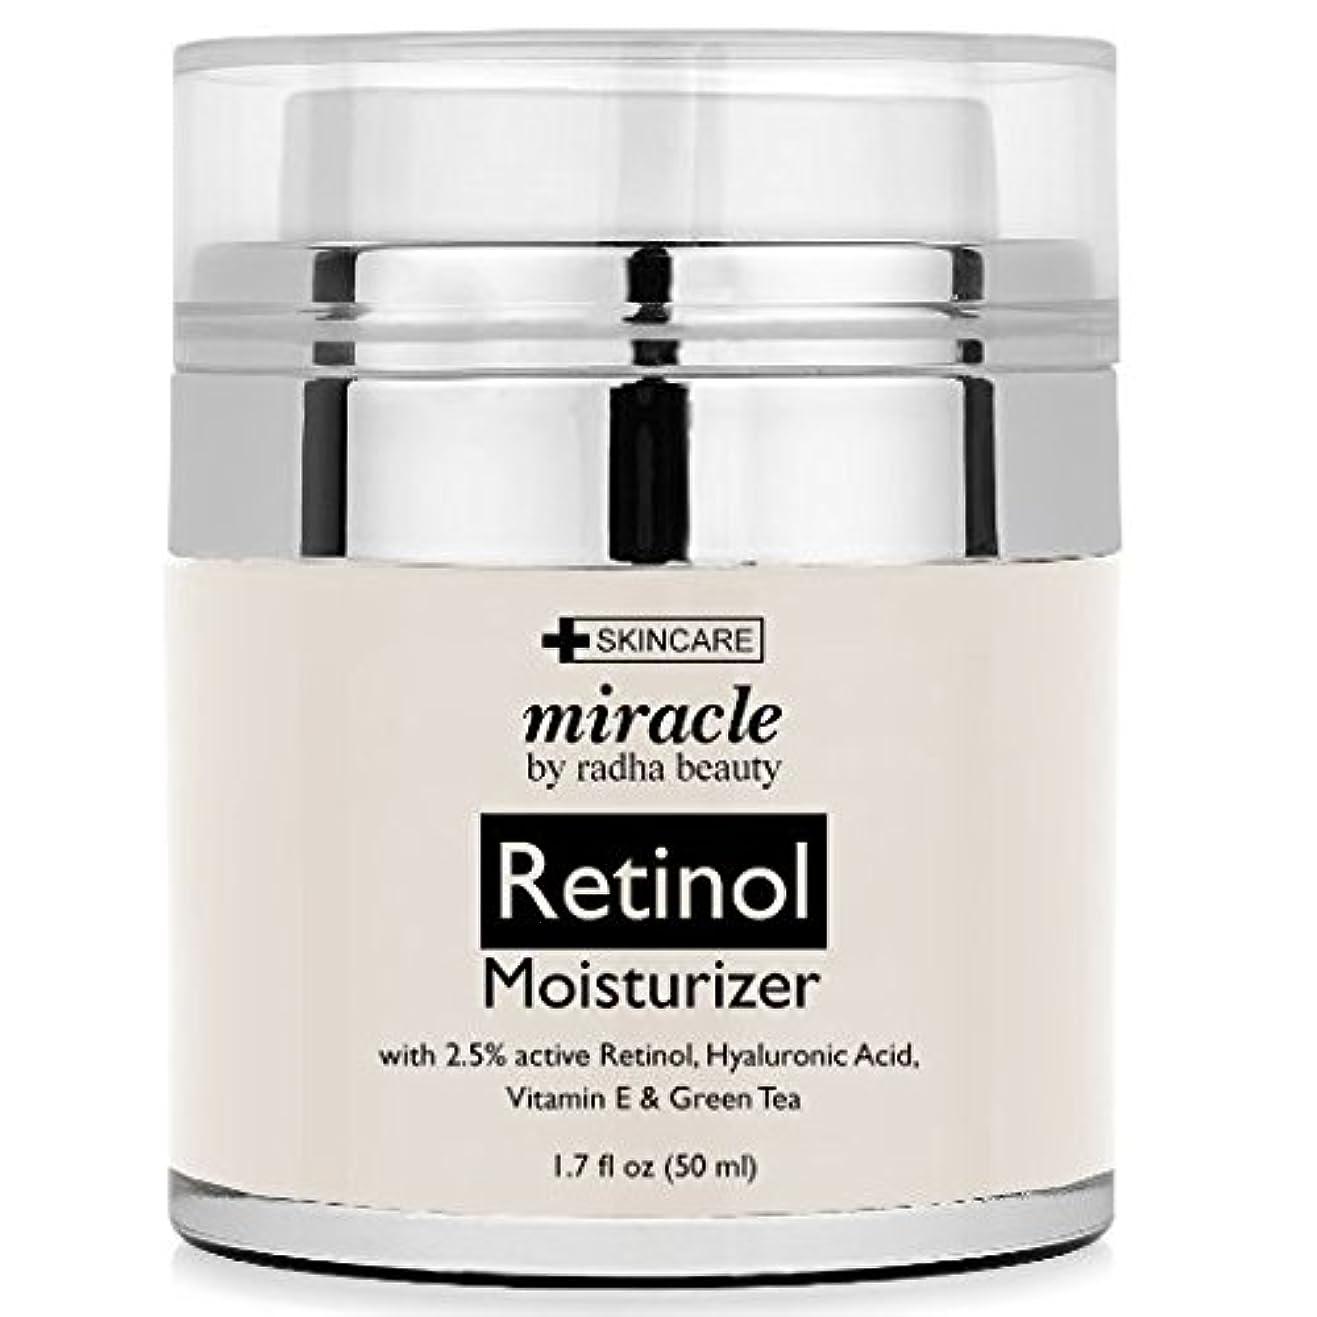 種無人ガードレチノール 保湿クリーム Retinol Moisturizer Cream for Face - With Retinol, Hyaluronic Acid, Tea Tree Oil and Jojoba Oil、 50ml (海外直送品) [並行輸入品]